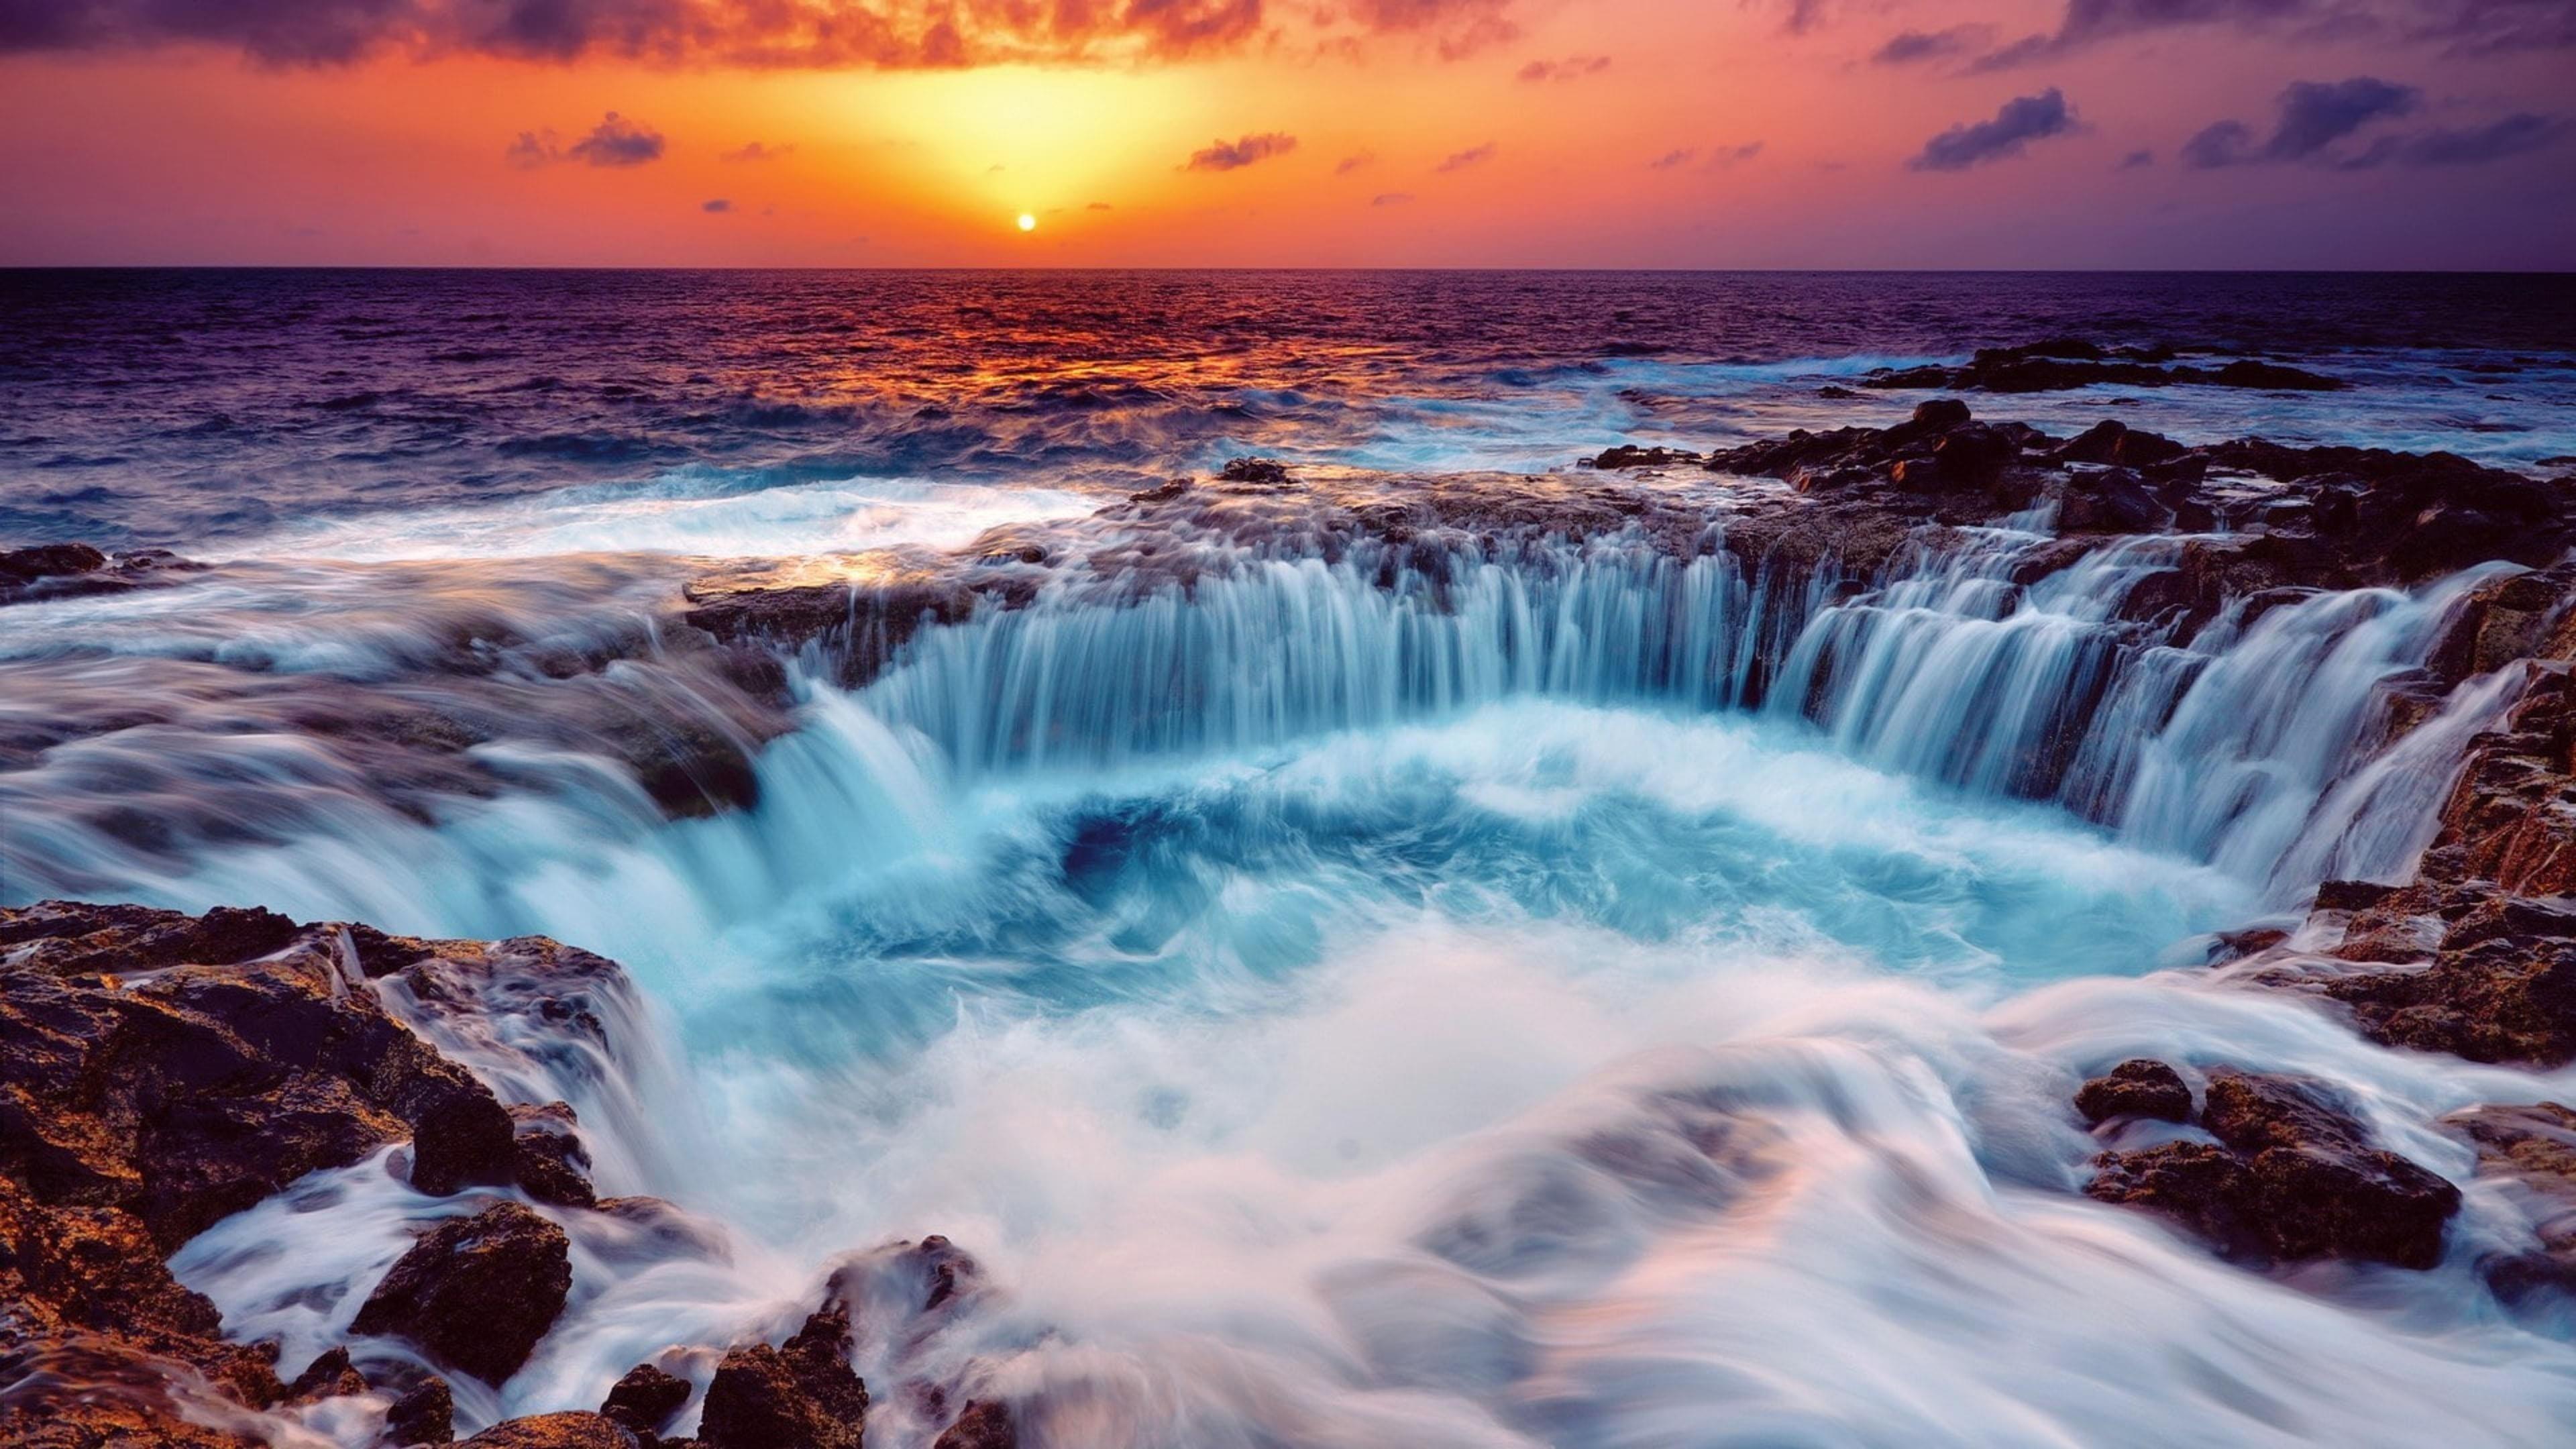 Красивый вид на океан во время заката под желто черным облачным небом природа обои скачать